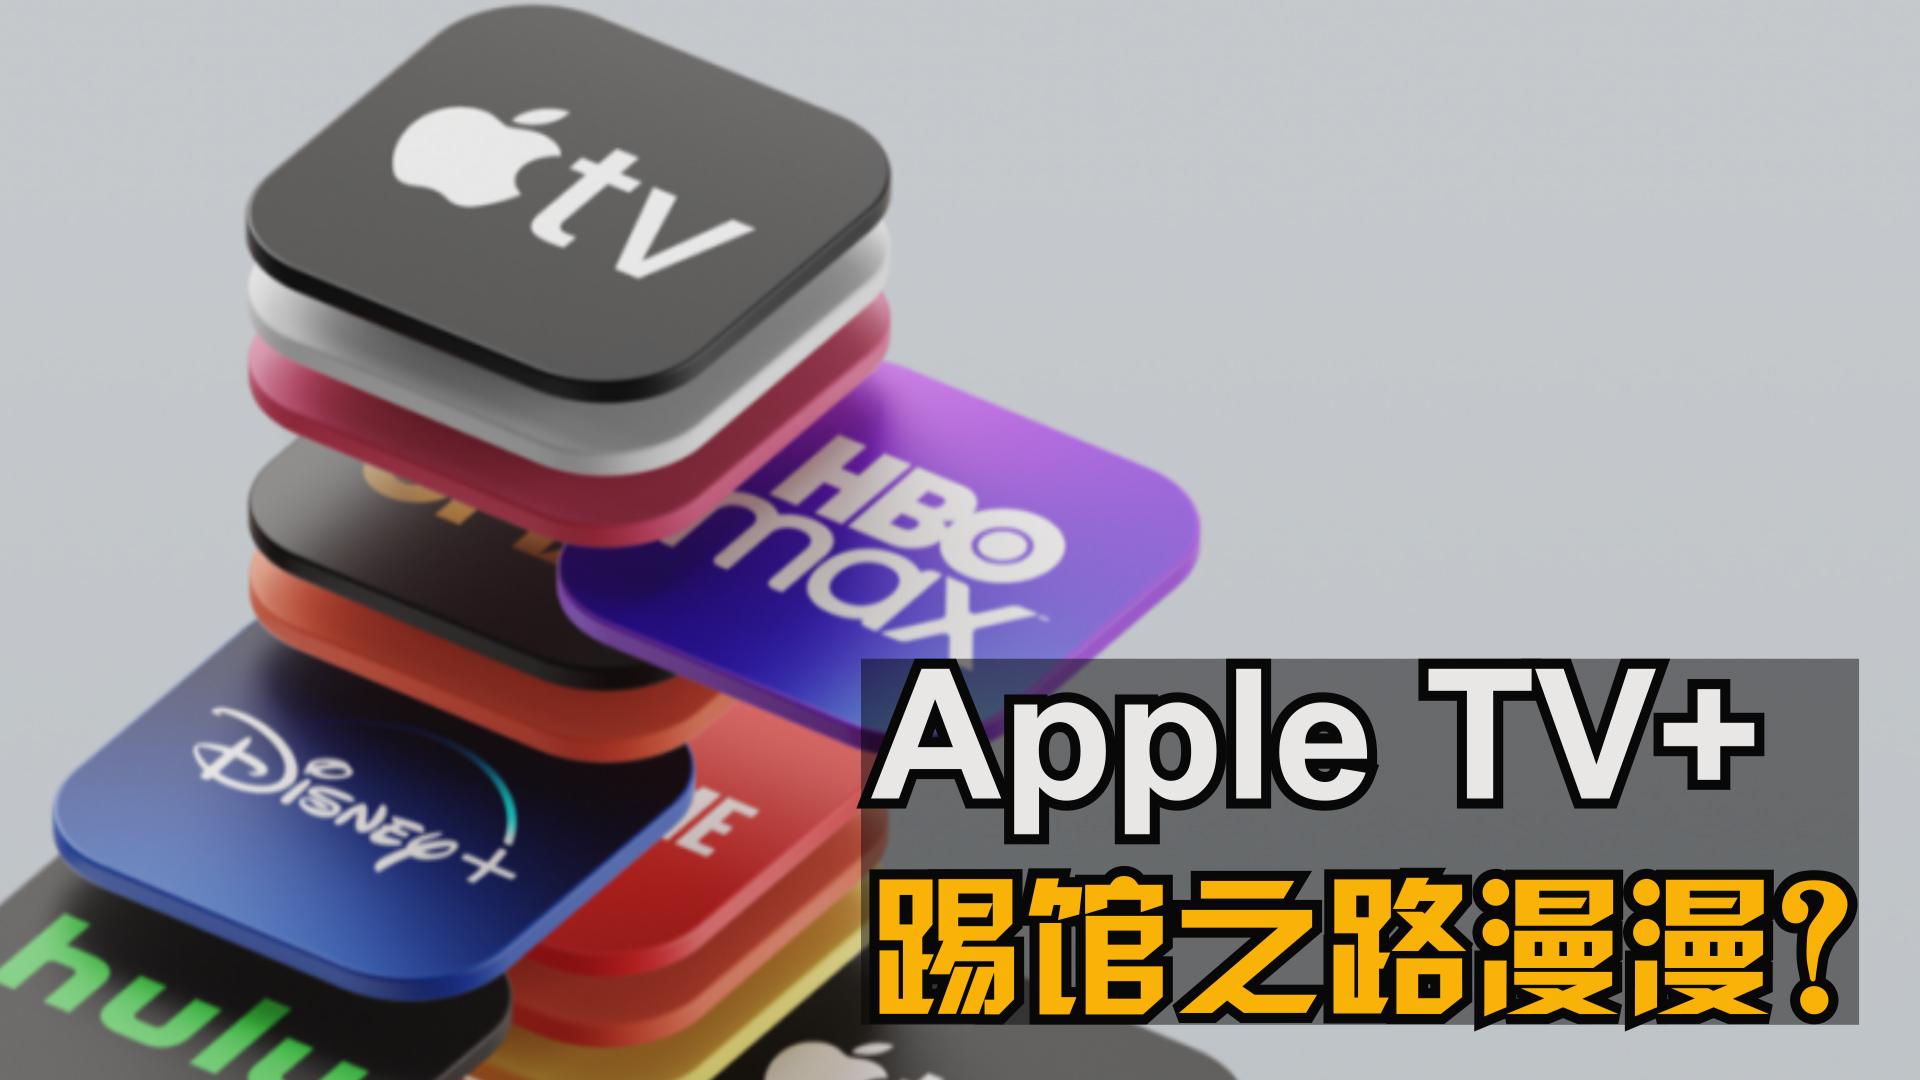 订阅用户不敌奈飞,Apple TV+的踢馆之路漫漫?